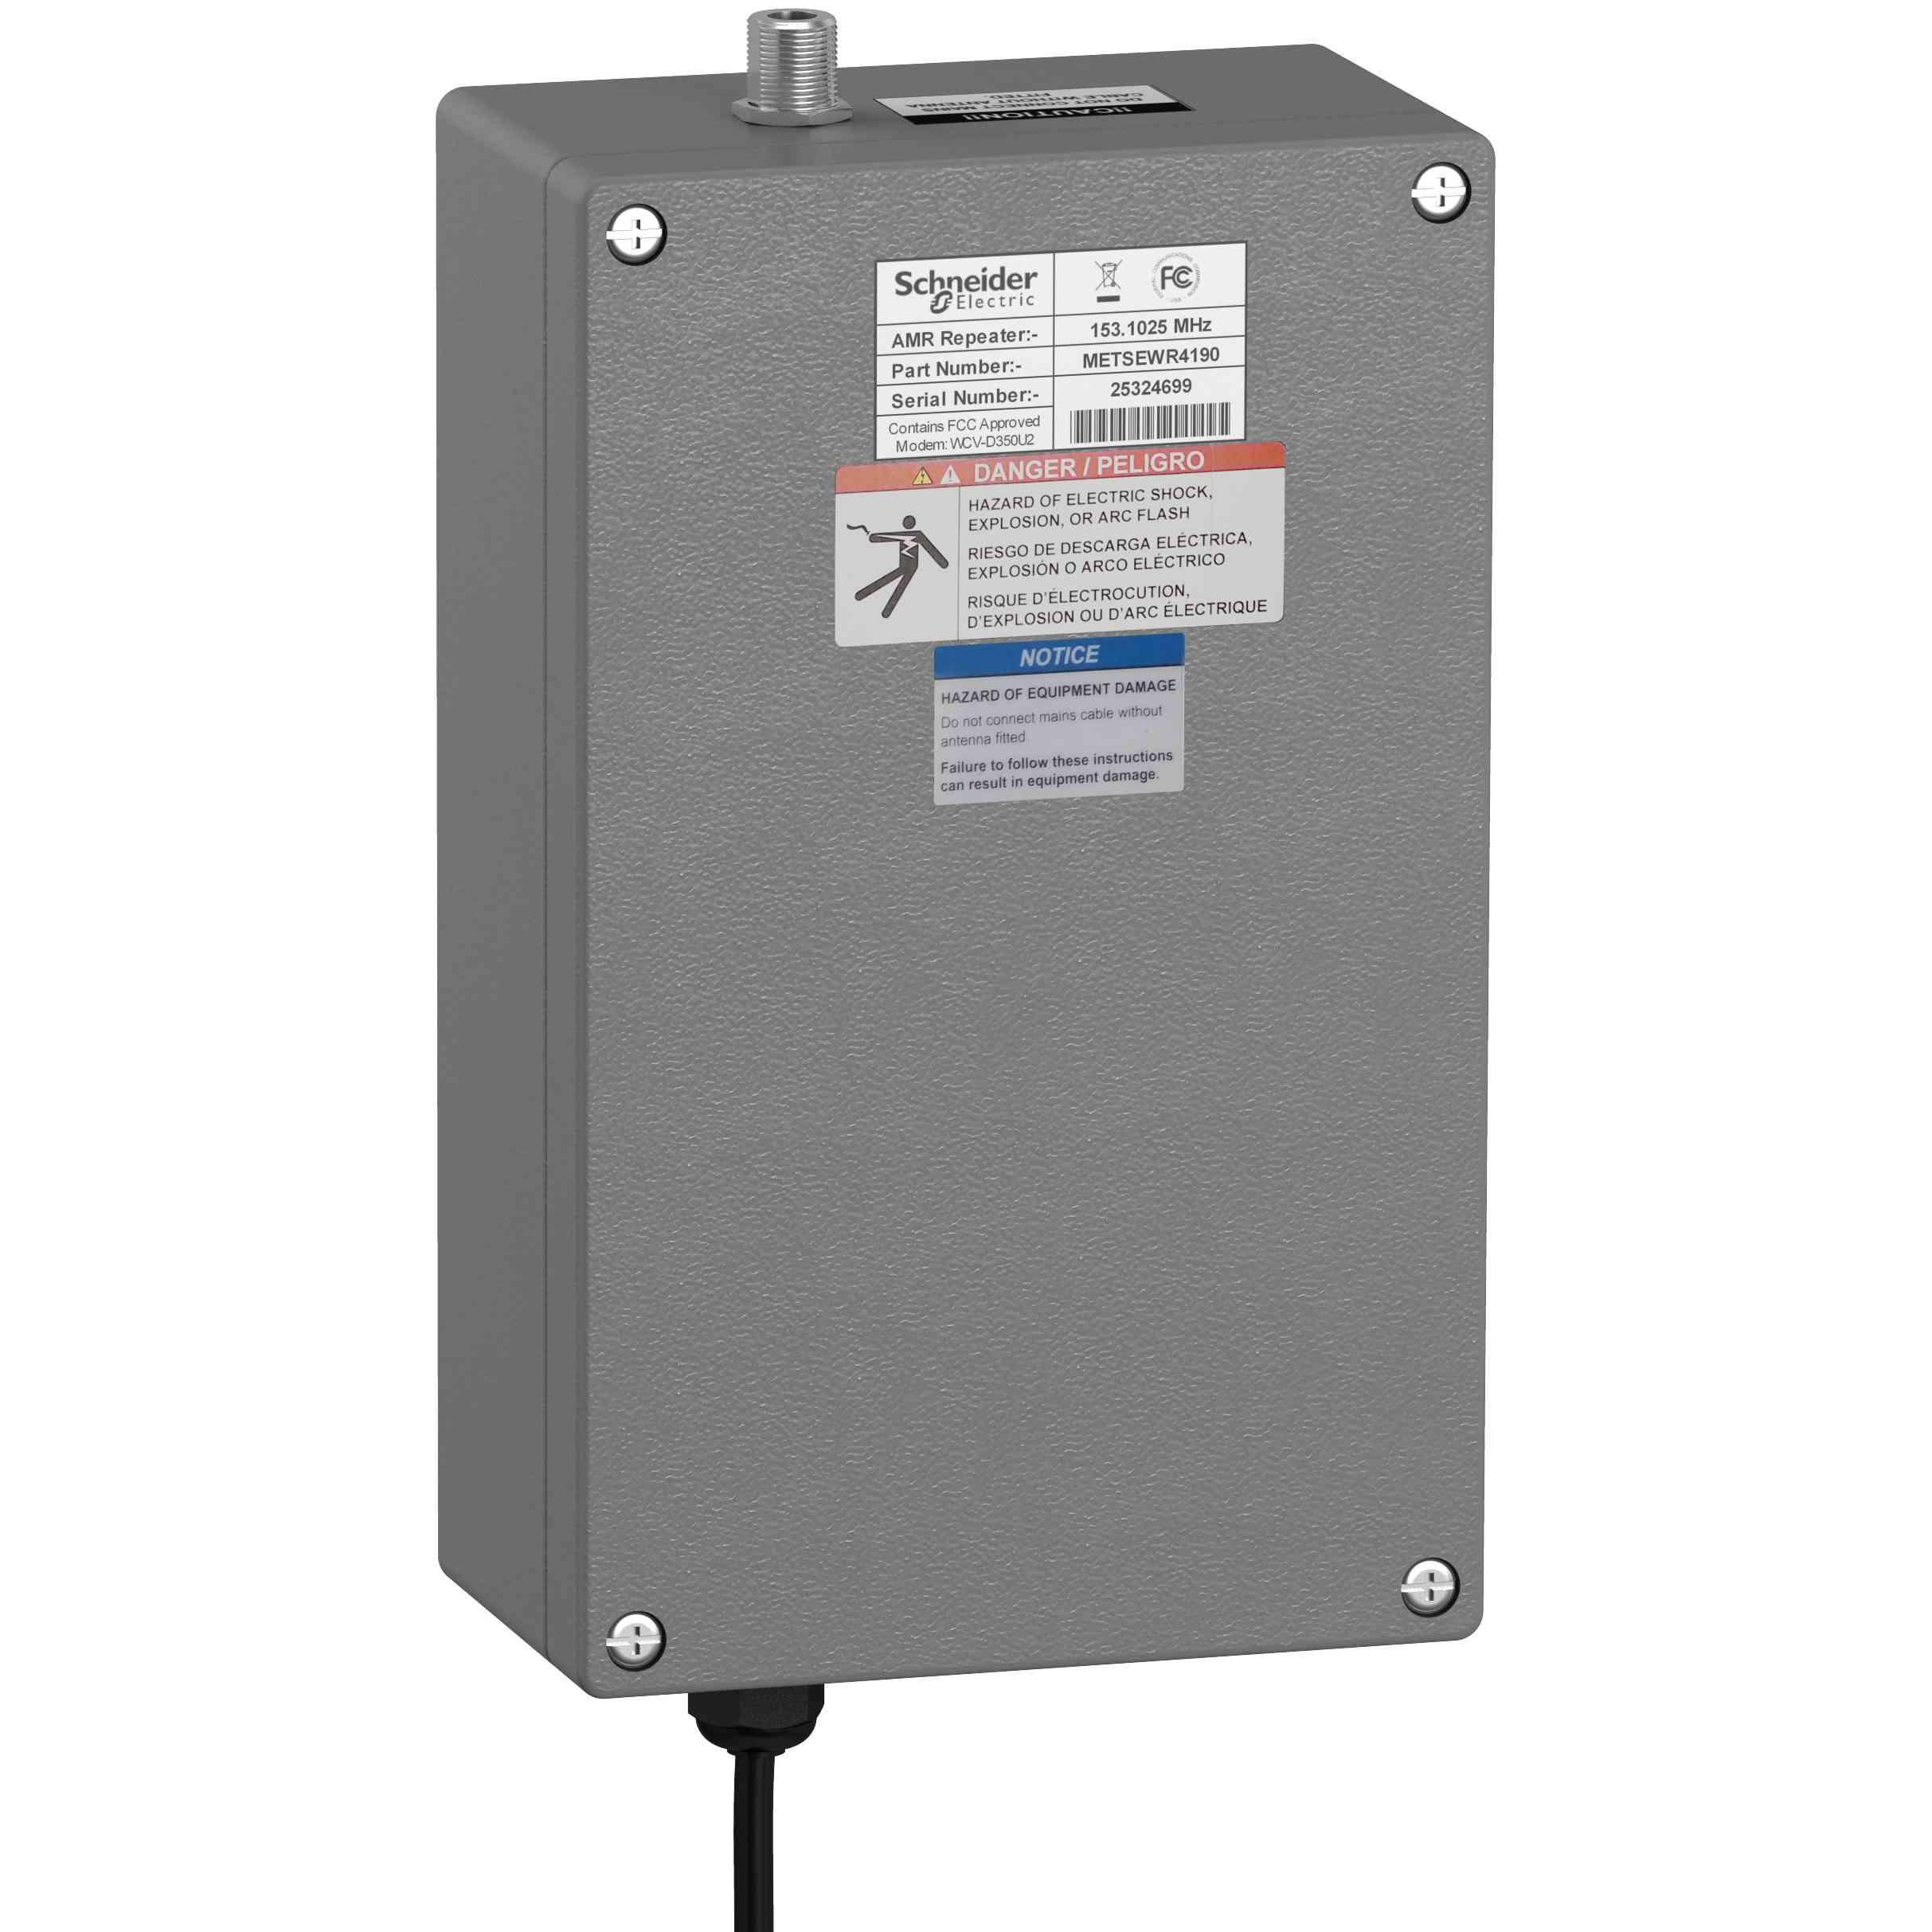 PowerLogic WT4200 - brezžični repetitor - 169 MHz